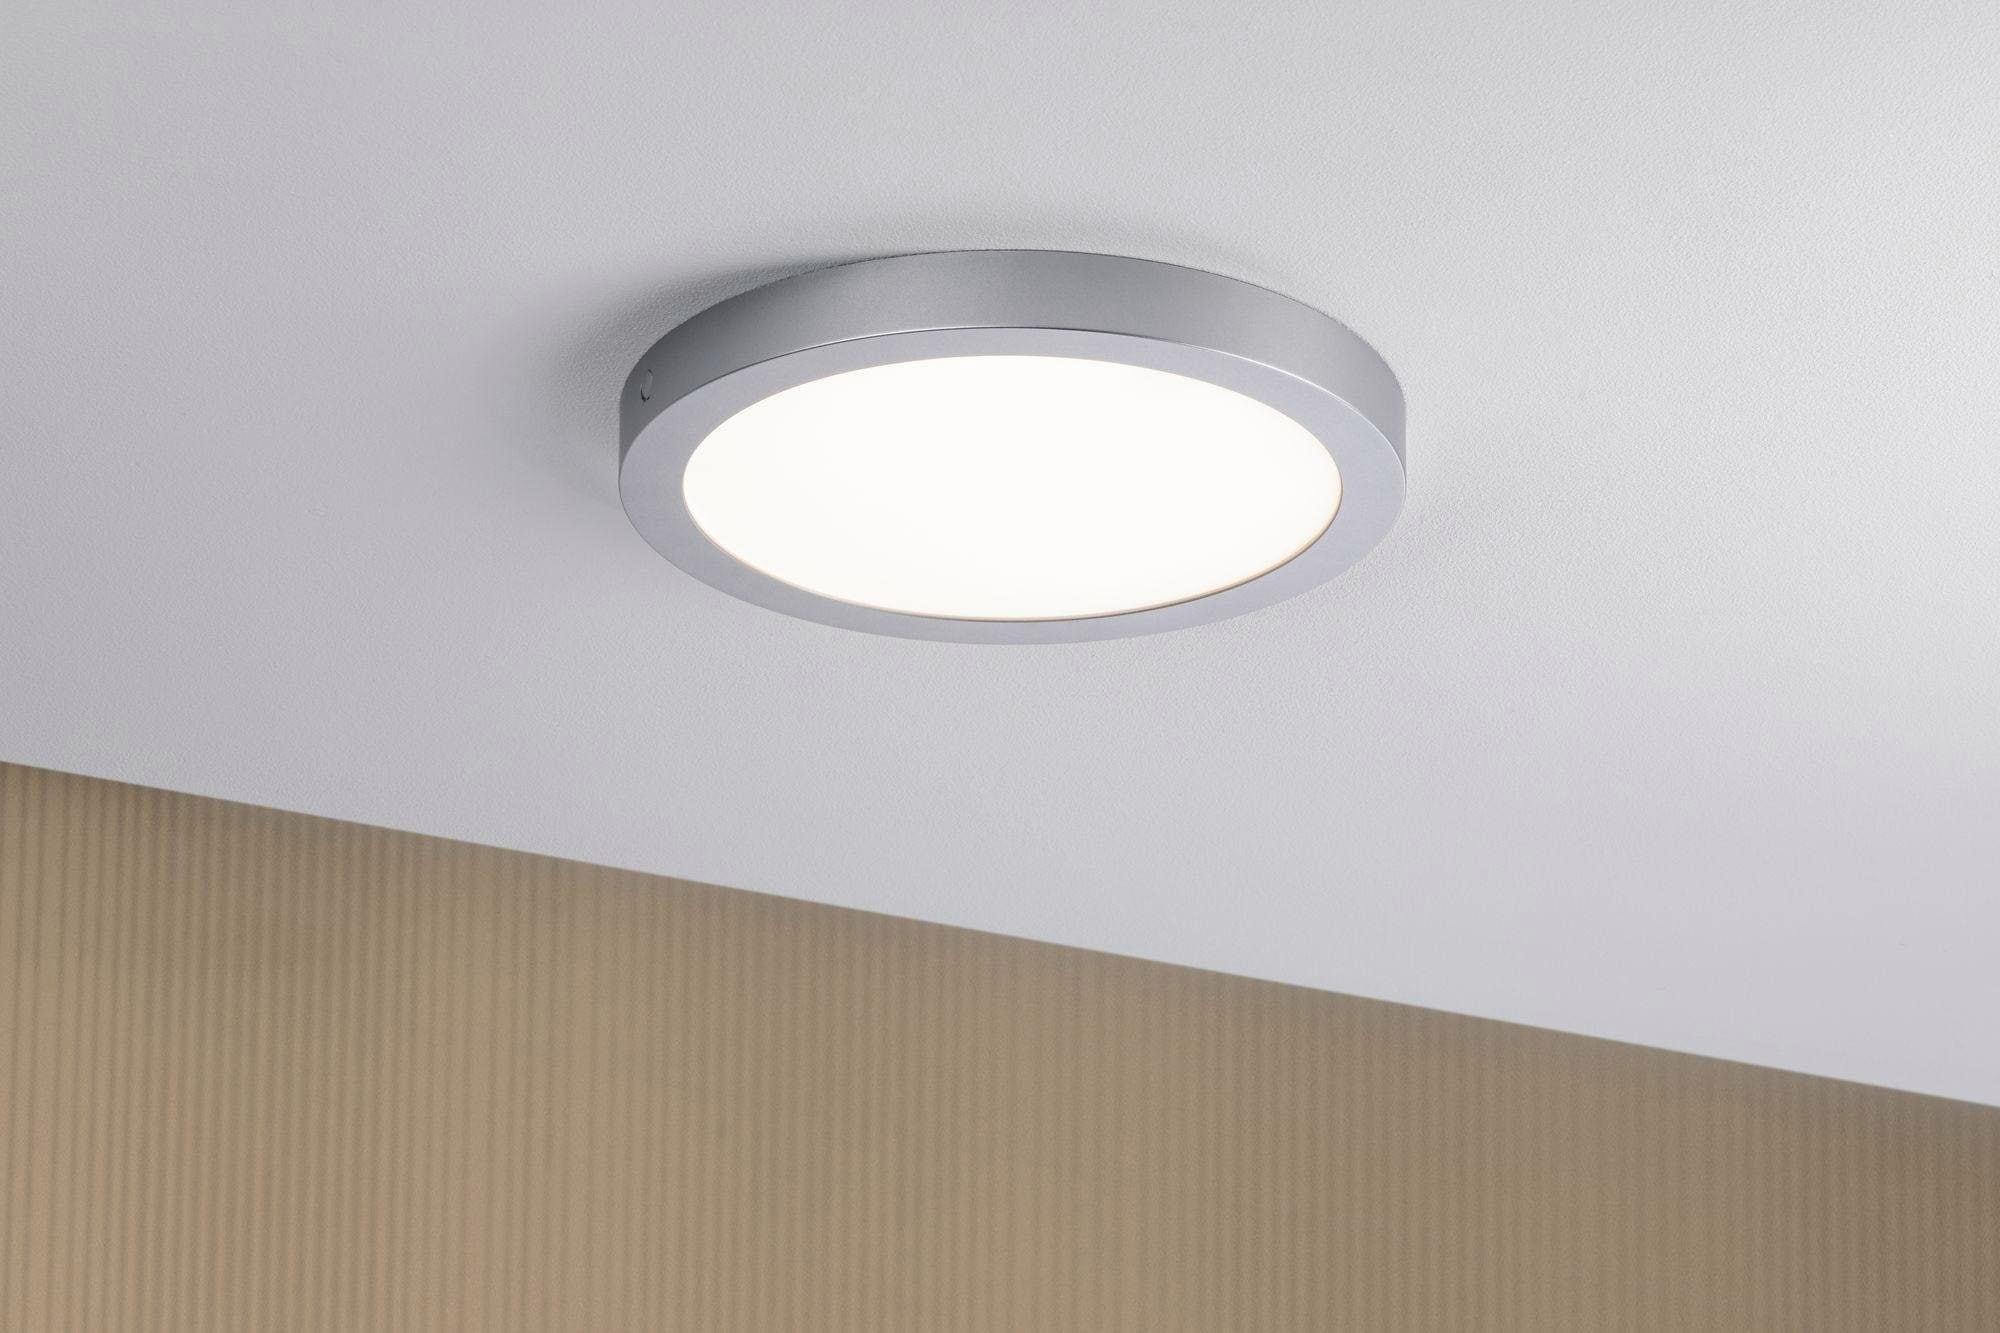 Paulmann,LED Deckenleuchte Abia LED-Panel 300mm 22W Chrom matt Kunststoff